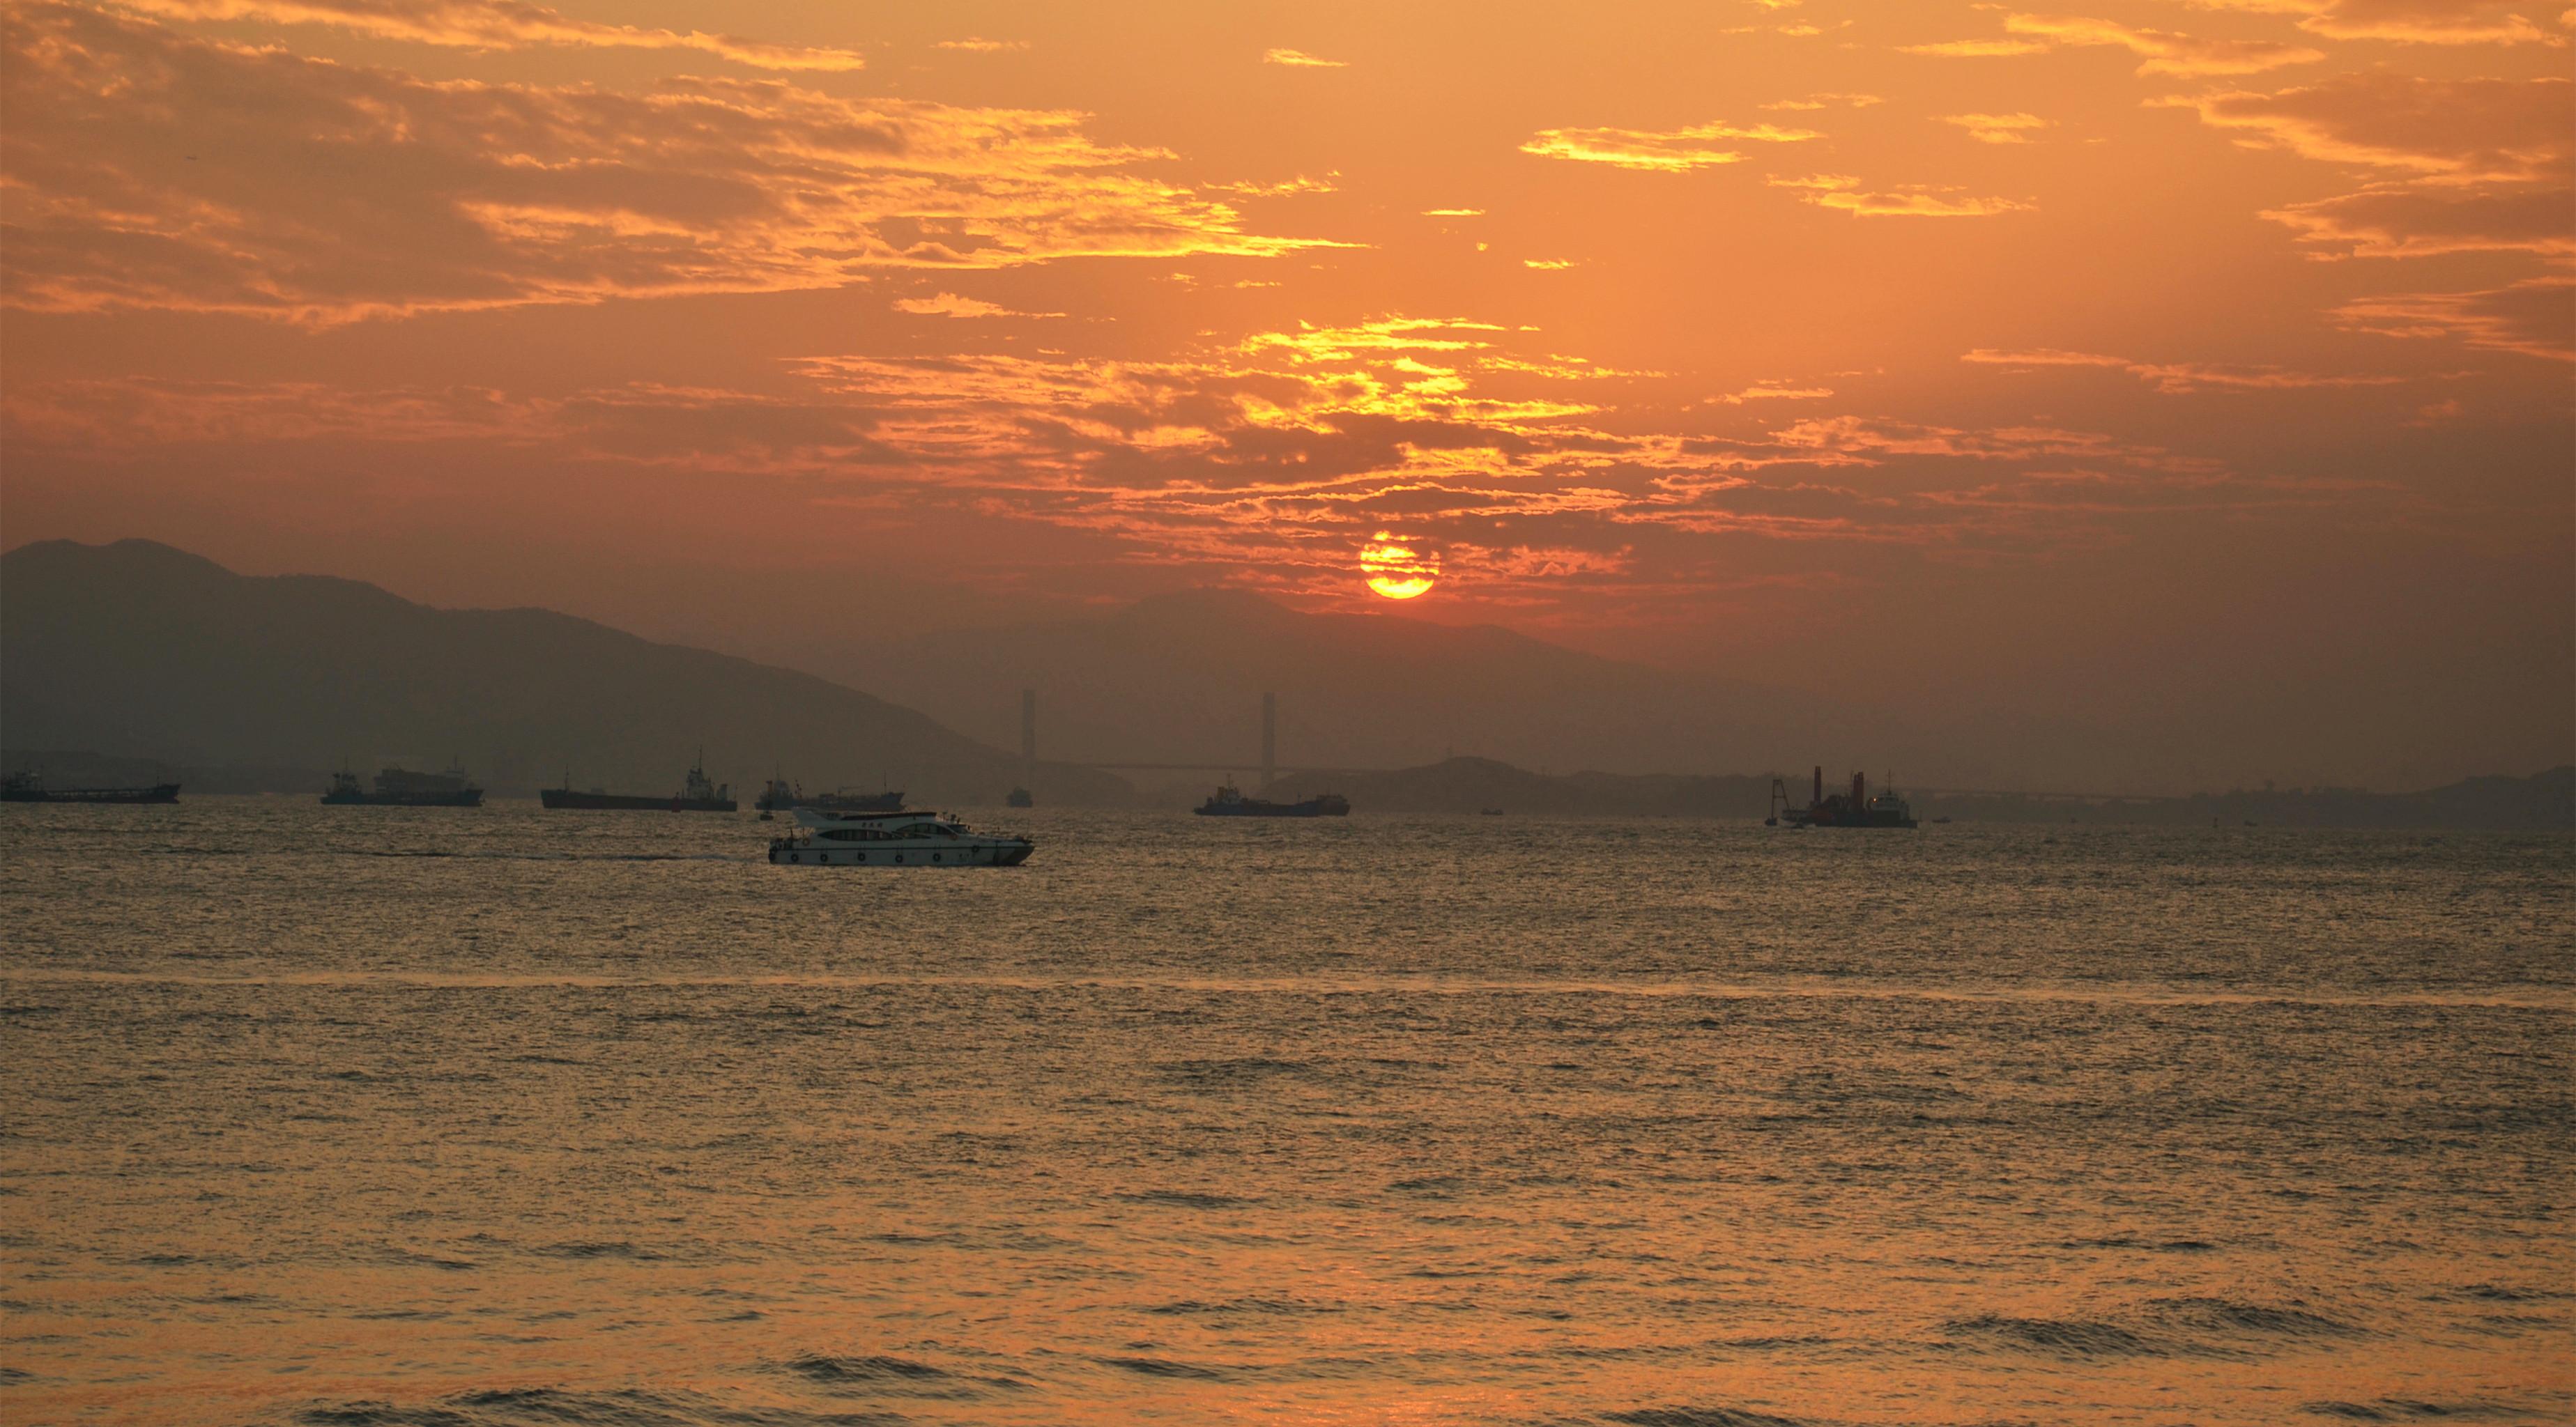 海边晚上背景素材